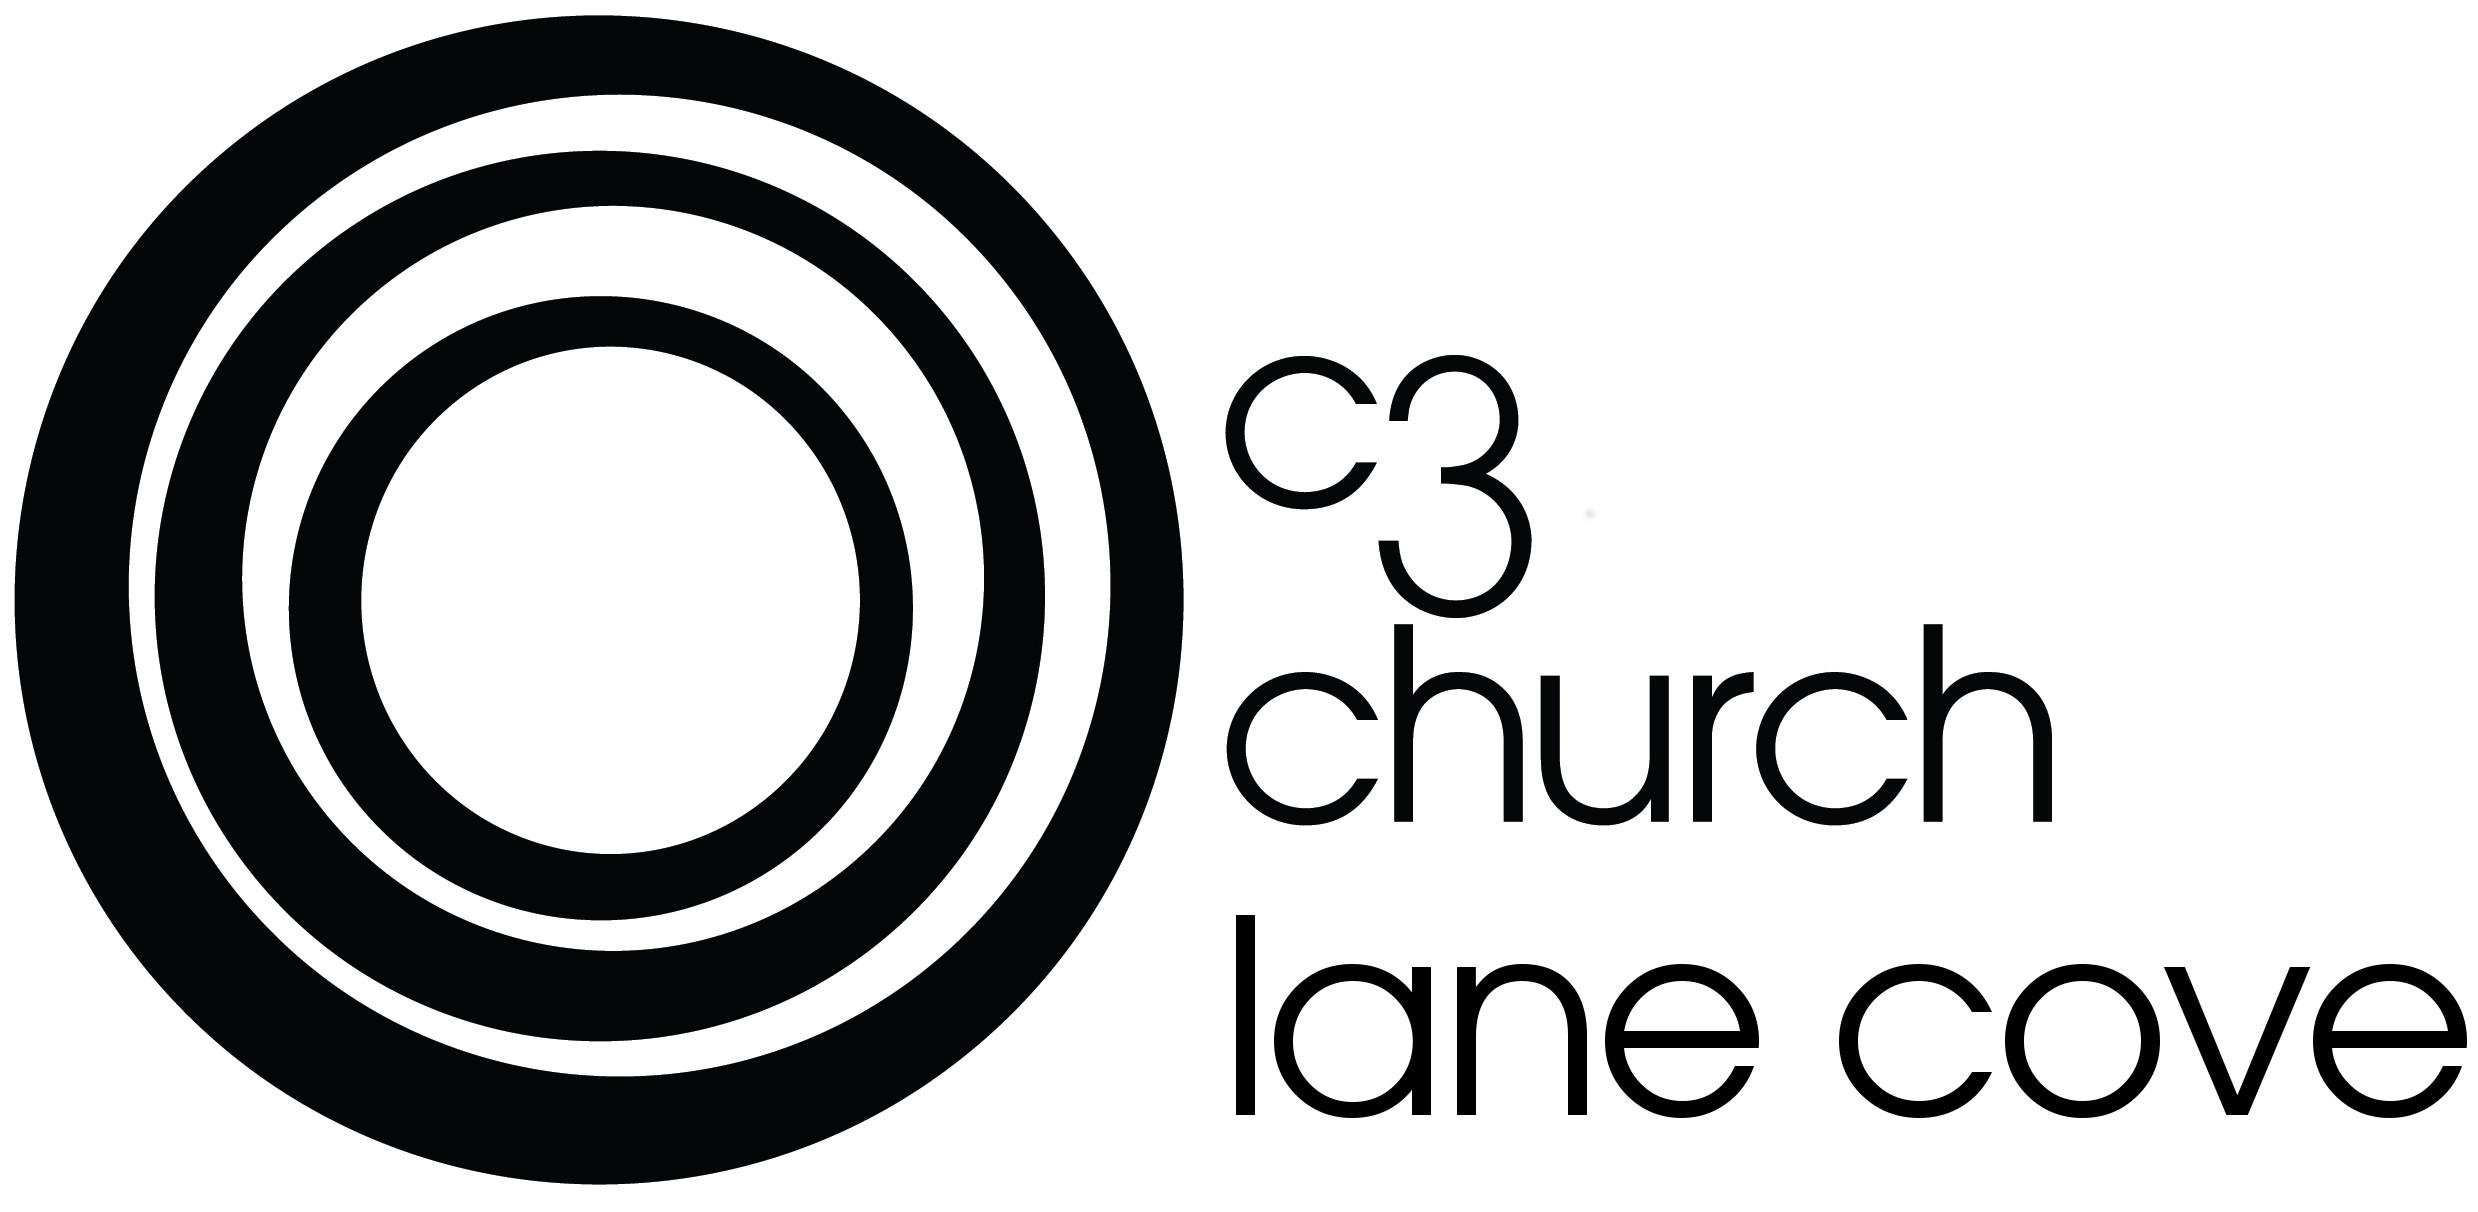 C3 Lane Cove